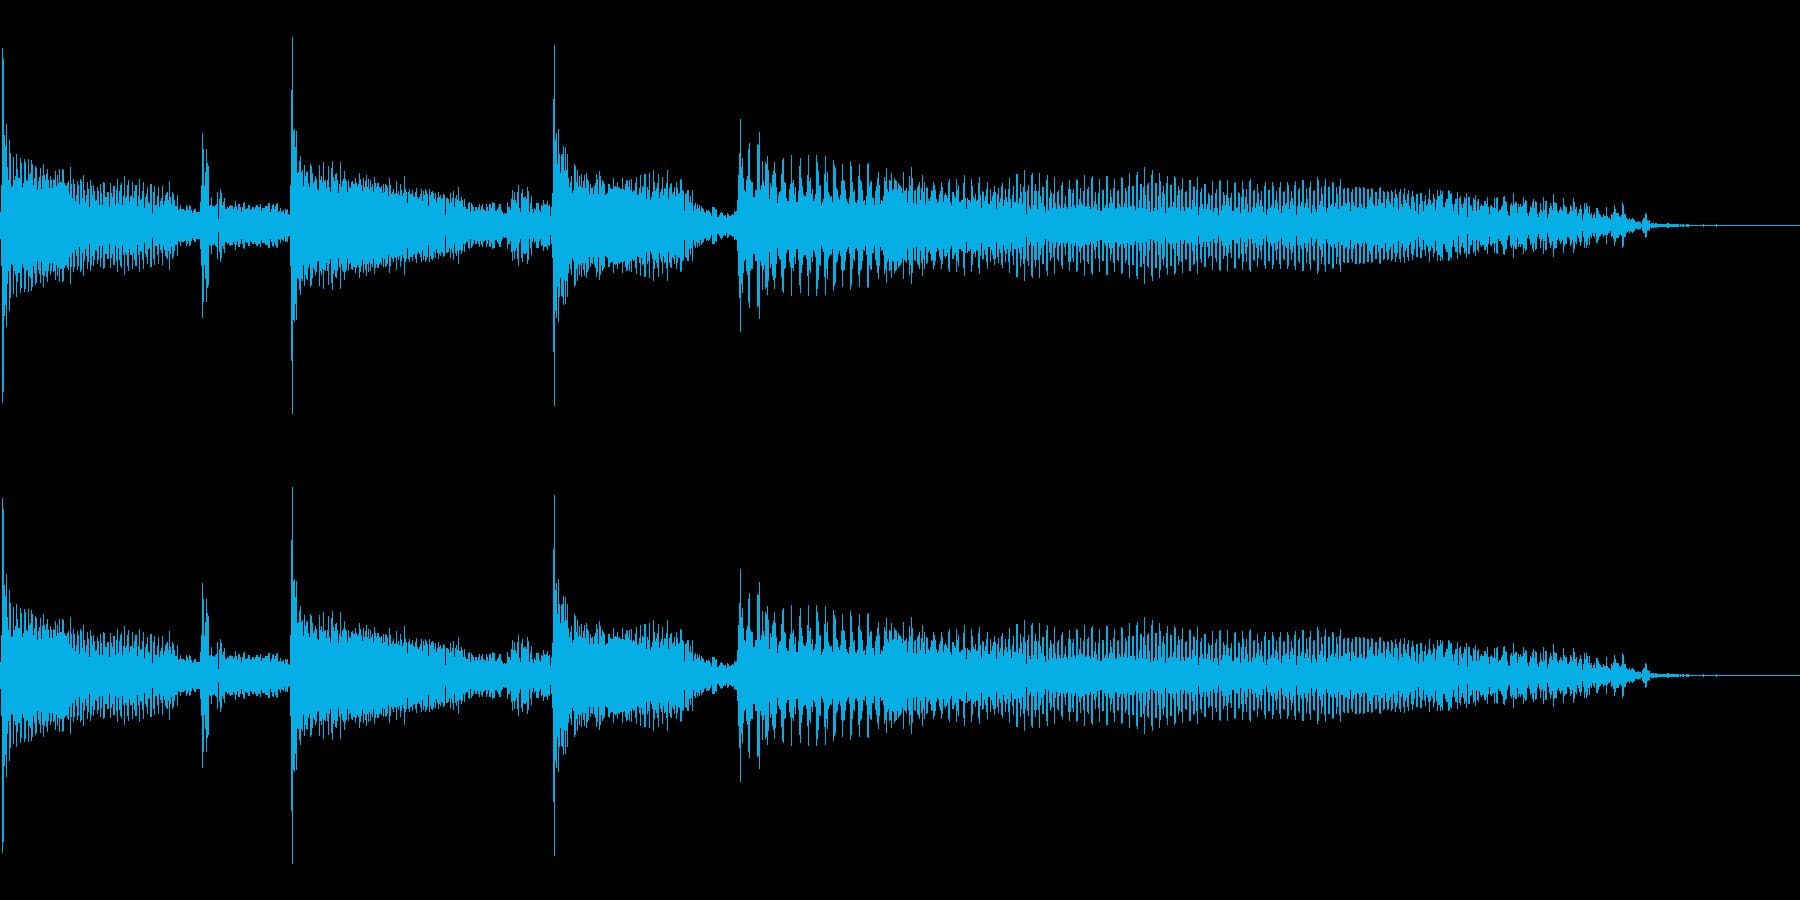 スラップベースの効果音用素材です。の再生済みの波形